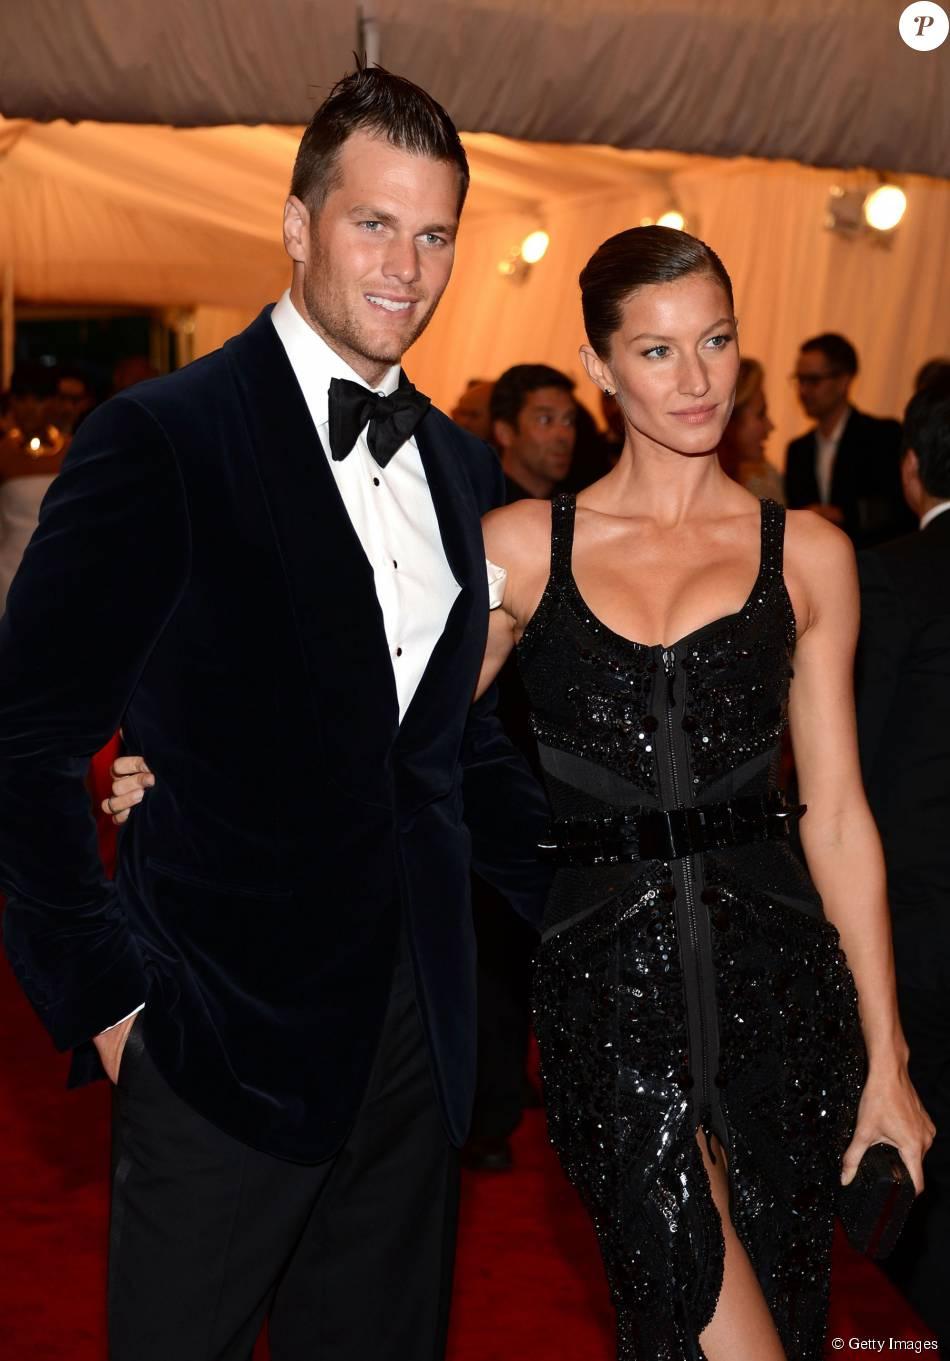 """Gisele estava no mesmo jatinho que Tom Brady e Ben Affleck. Seu marido teria levado a babá a pedido do ator e também teria feito a foto da moça com seus anéis, segundo inforama o site """"Ego"""", nesta quinta, 13 de agosto de 2015"""